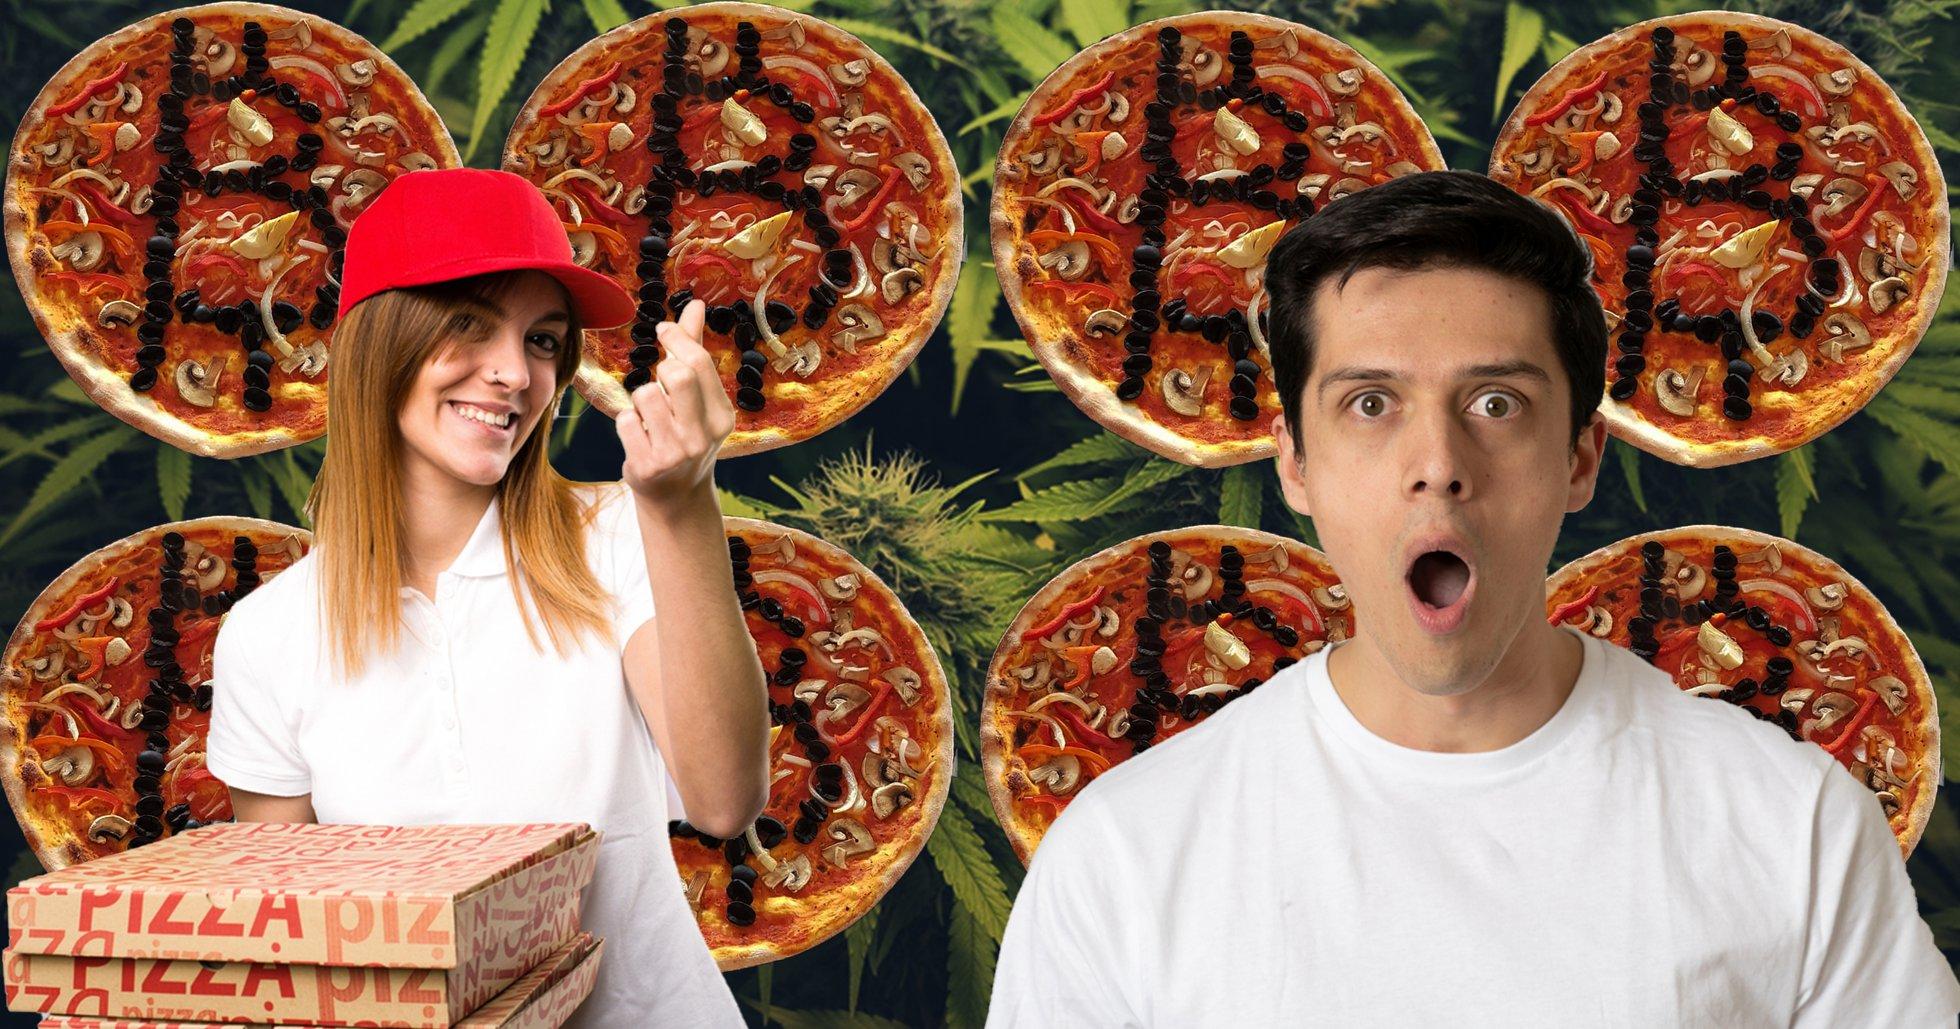 Stenad bitcoininvesterare råkar dricksa 10 000 kronor till förvånat pizzabud